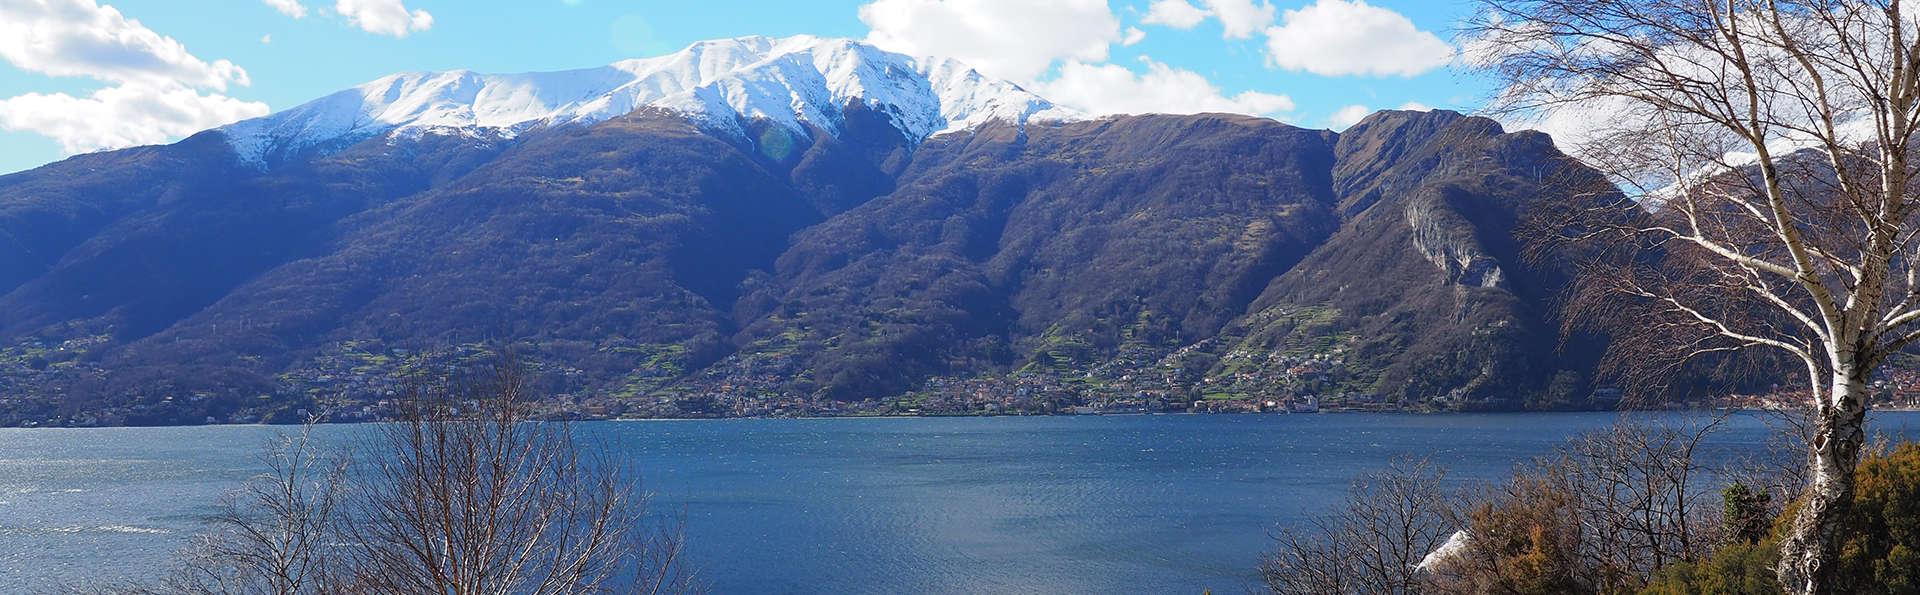 Oasis de paz en el lago de Como con la familia o amigos en un apartamento de dos habitaciones